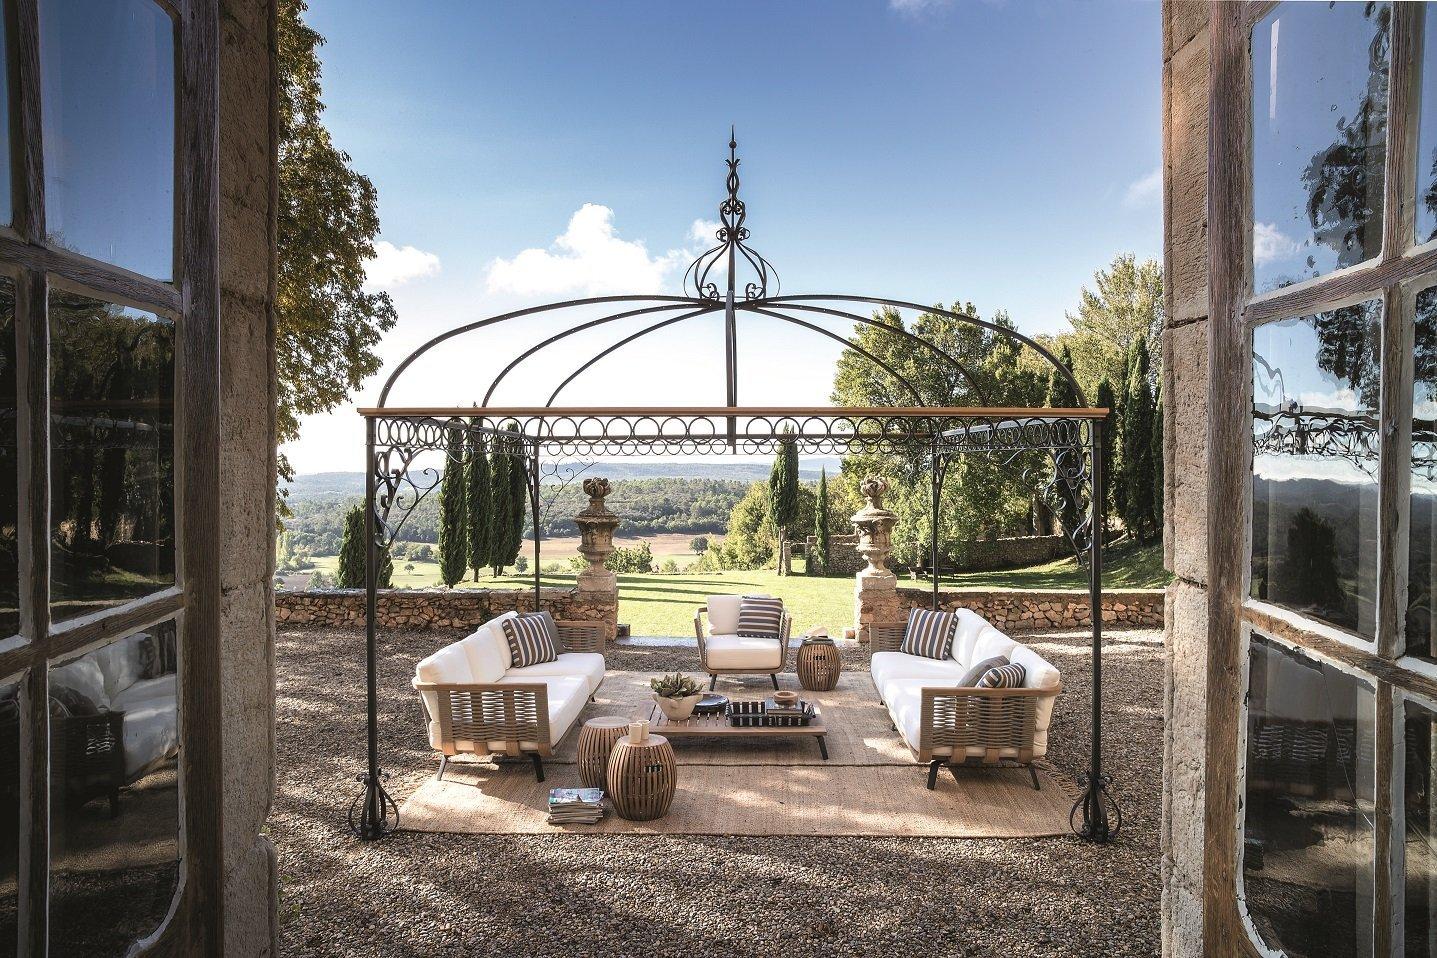 Arredo giardino e esterno bellizzi sa montella prisma arredo